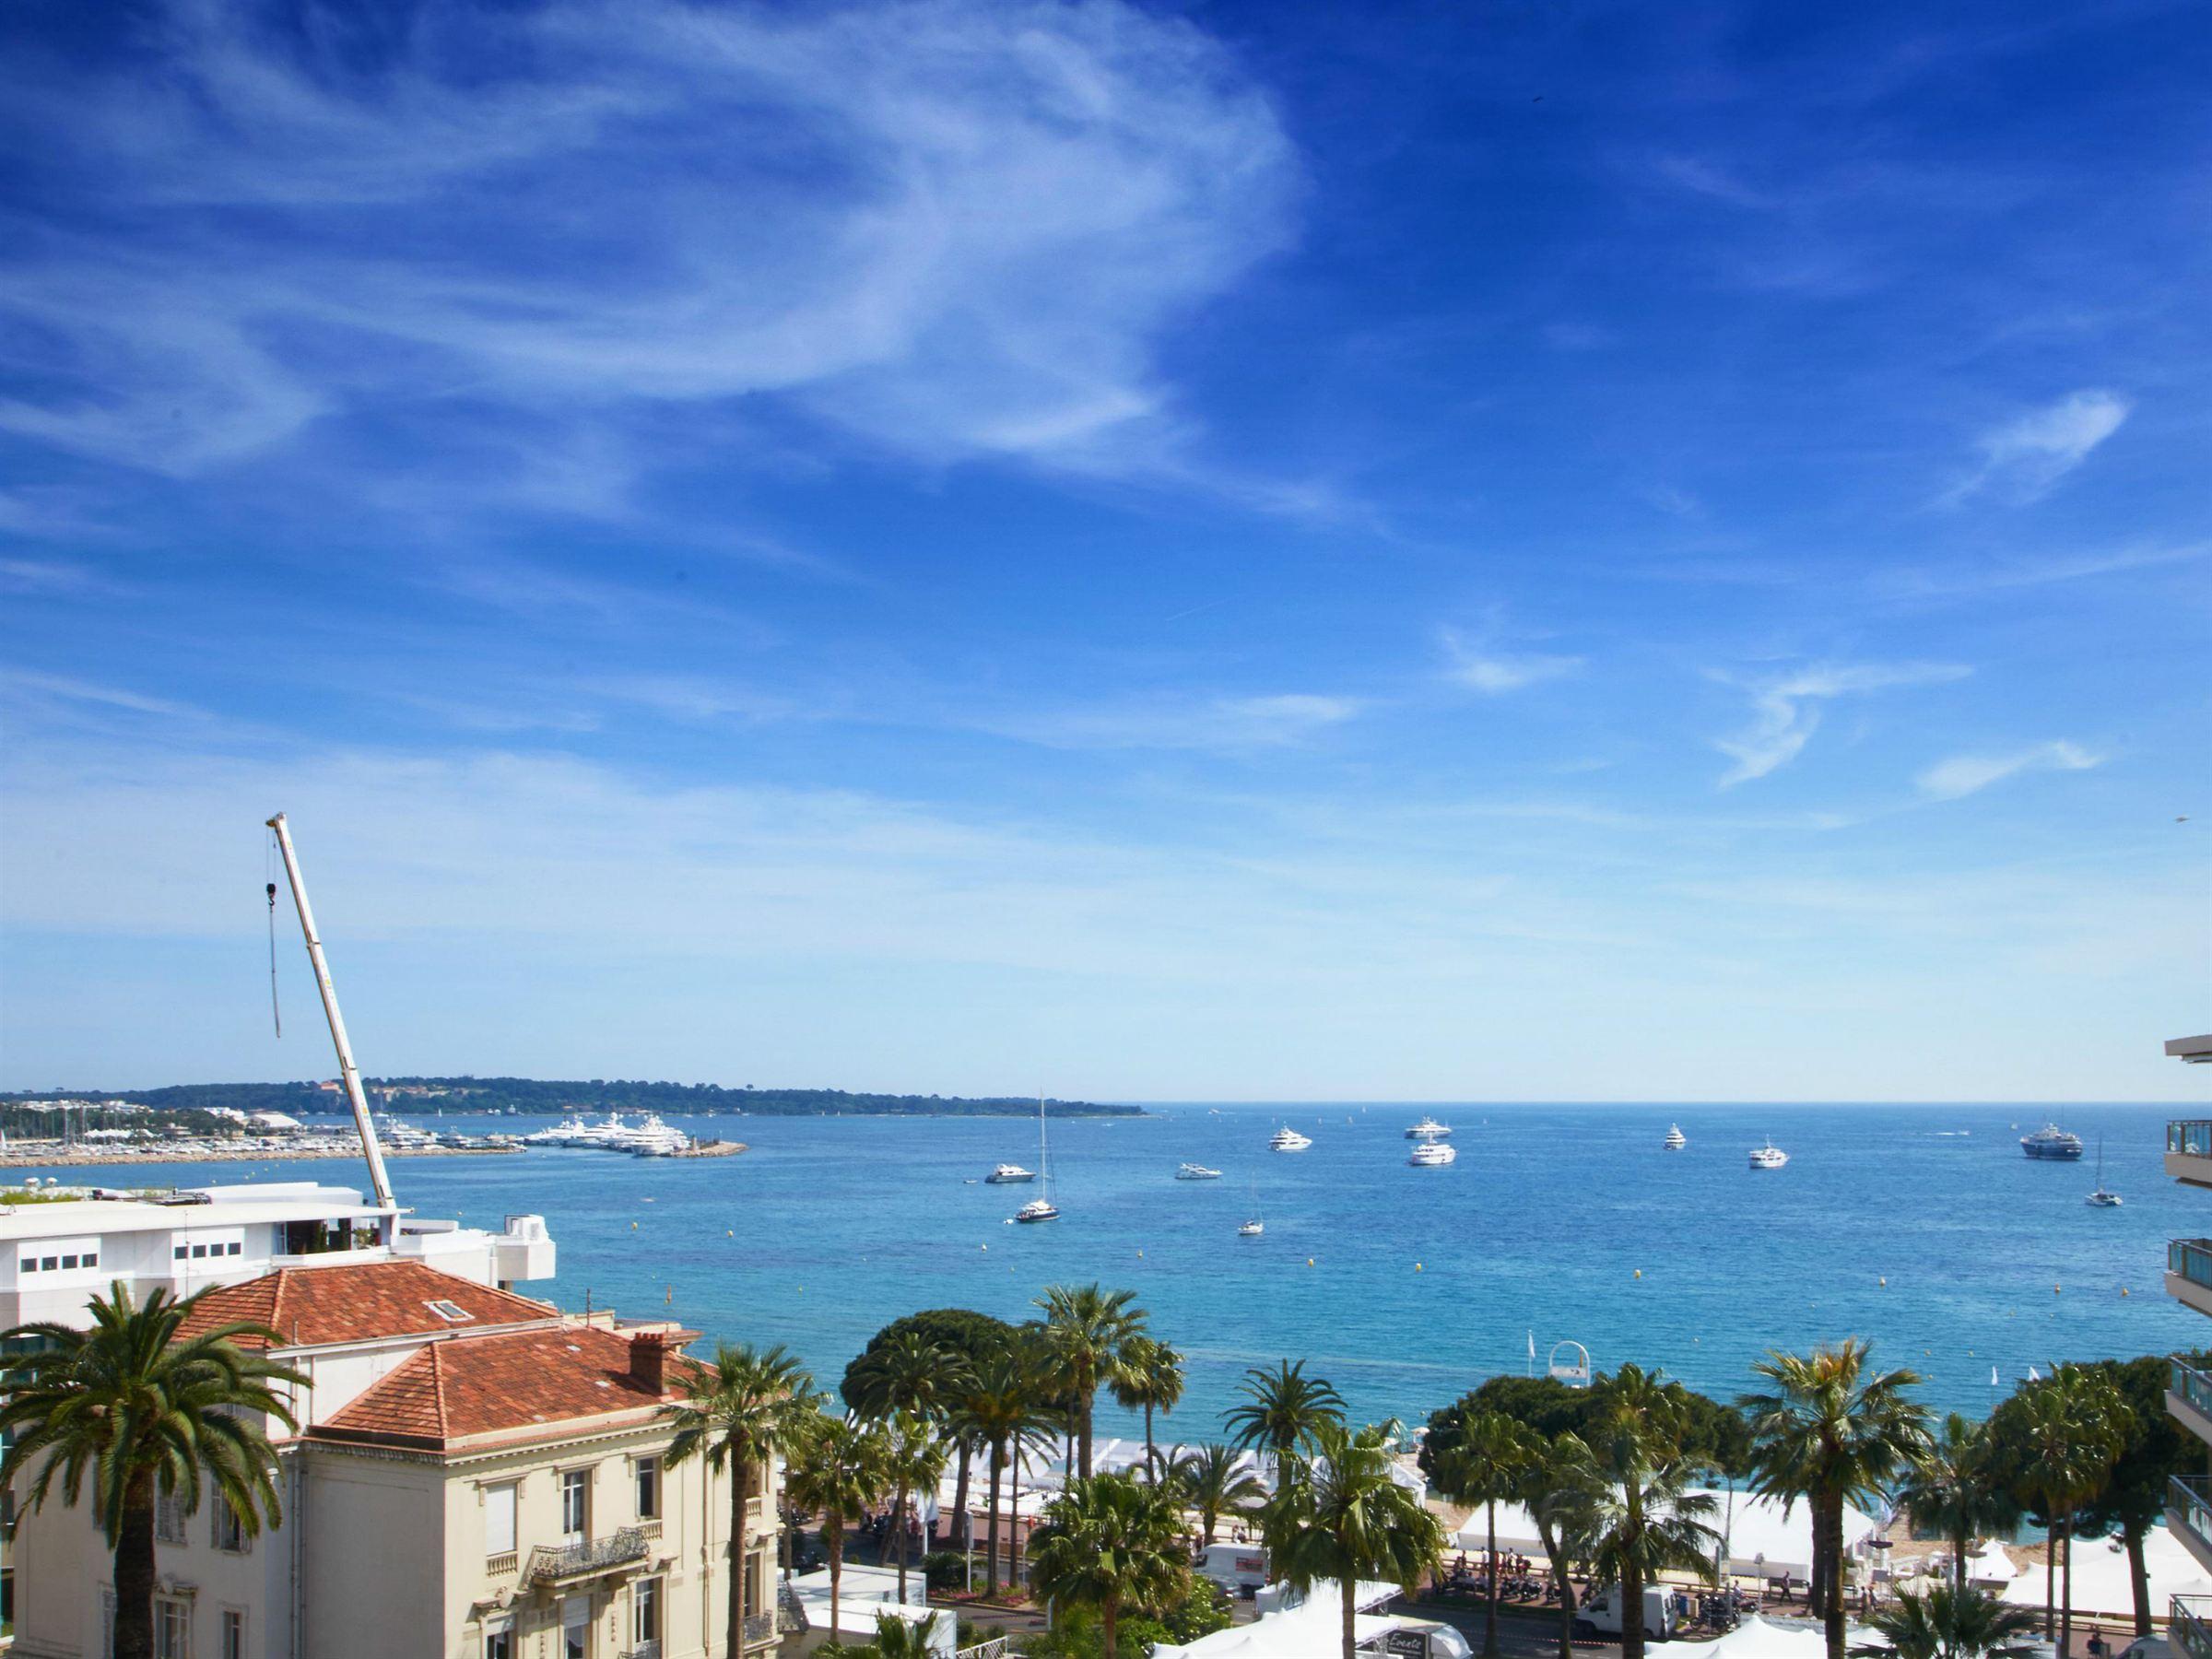 Căn hộ vì Bán tại La Croisette - 4 bedroomed apartment with amazing sea views Cannes, Provence-Alpes-Cote D'Azur 06400 Pháp